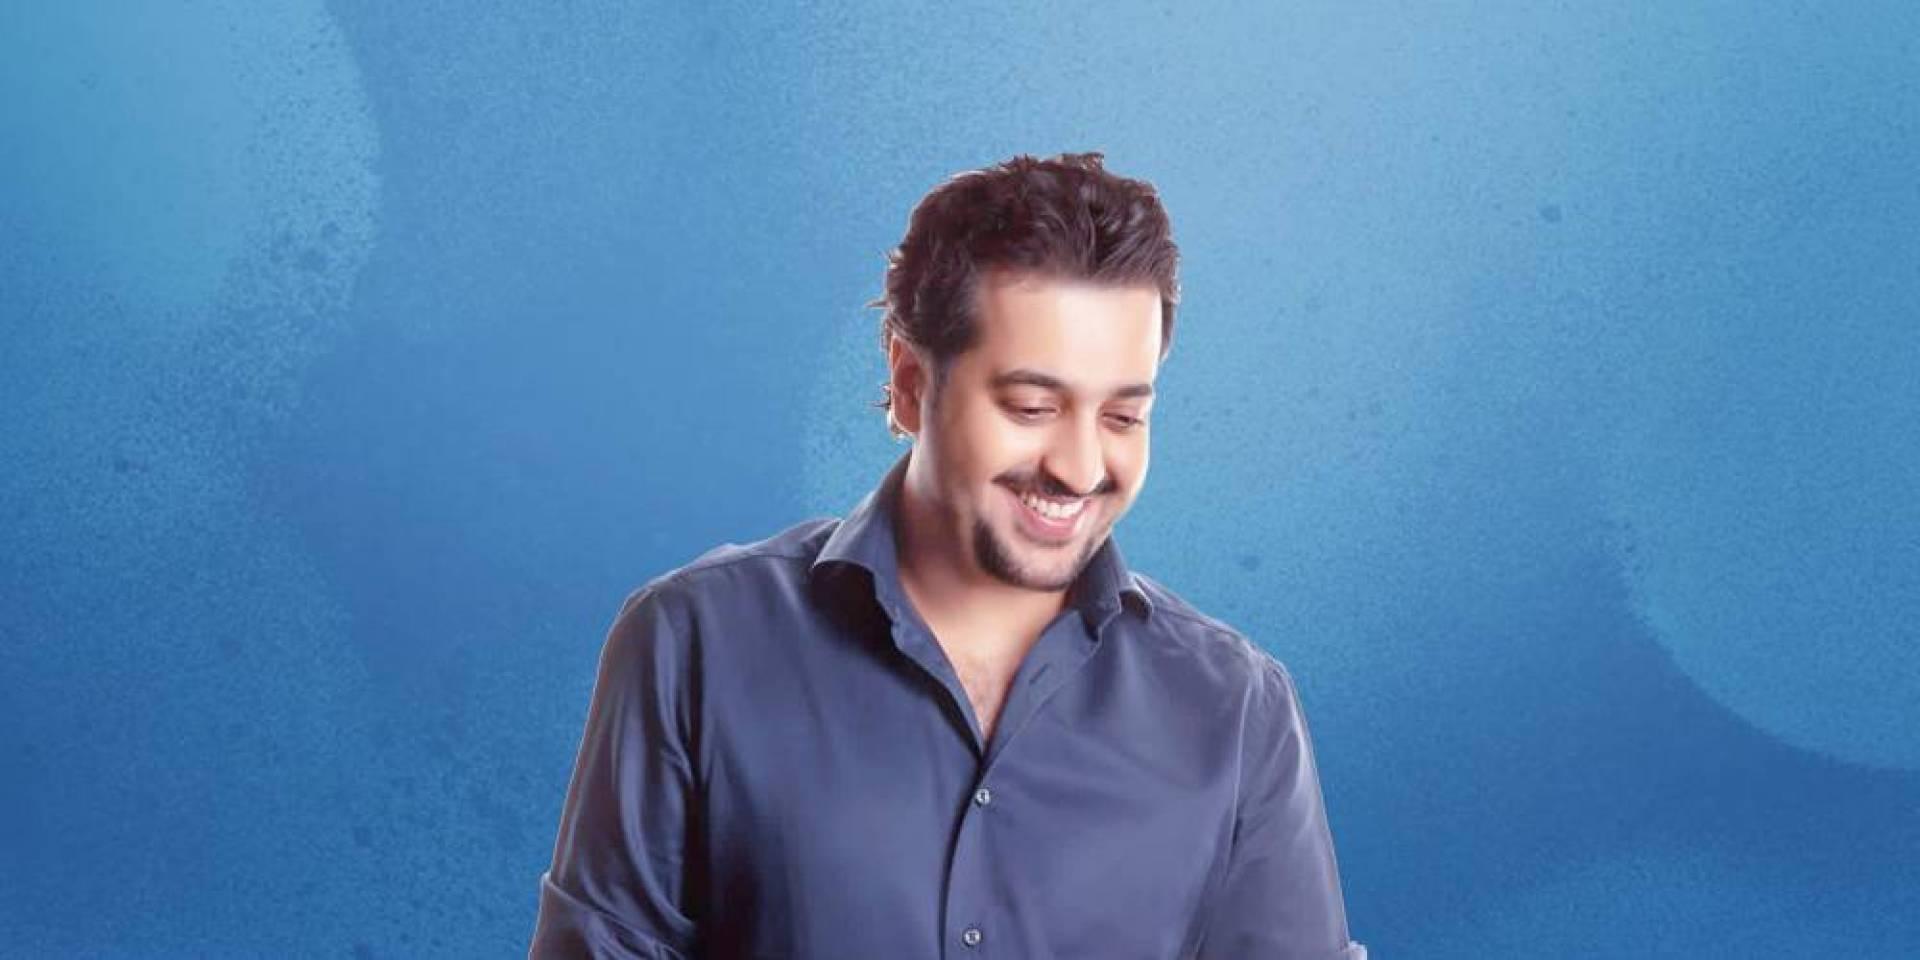 عادل محمود لـ«القبس»: اختيار أغنيات الألبوم.. مرهق